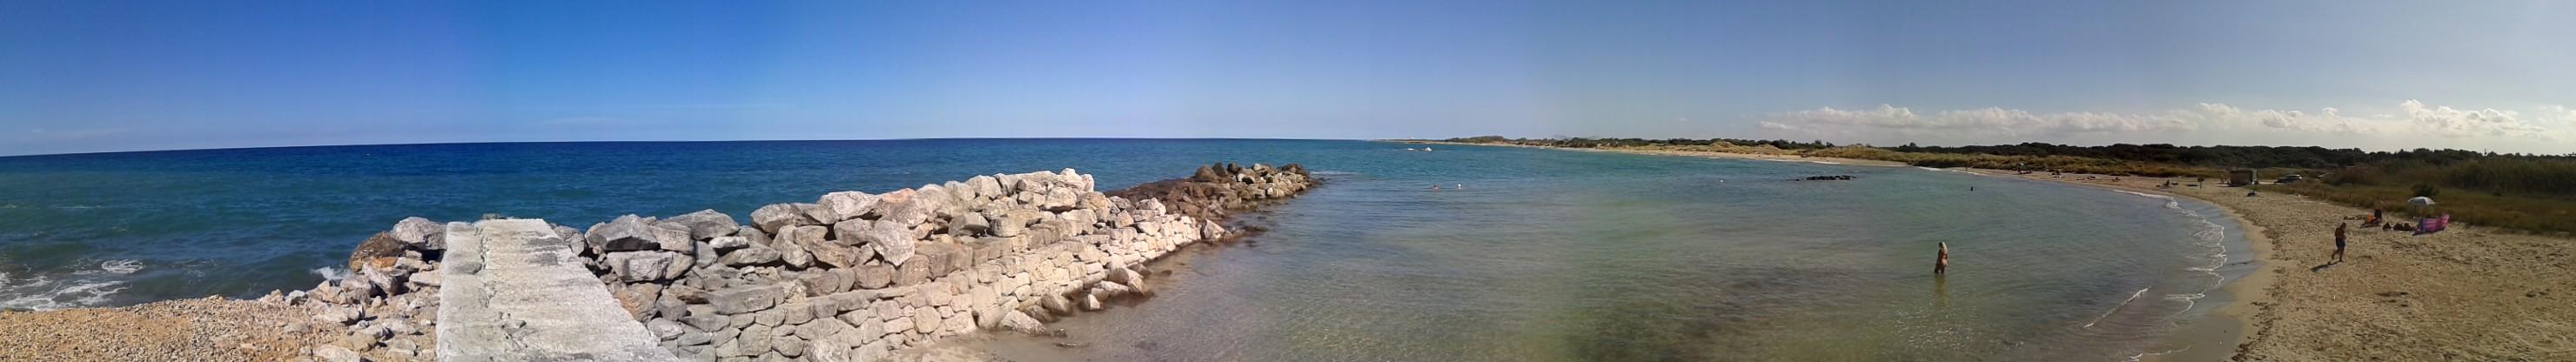 Nosso primeiro banho no Mar Adriático